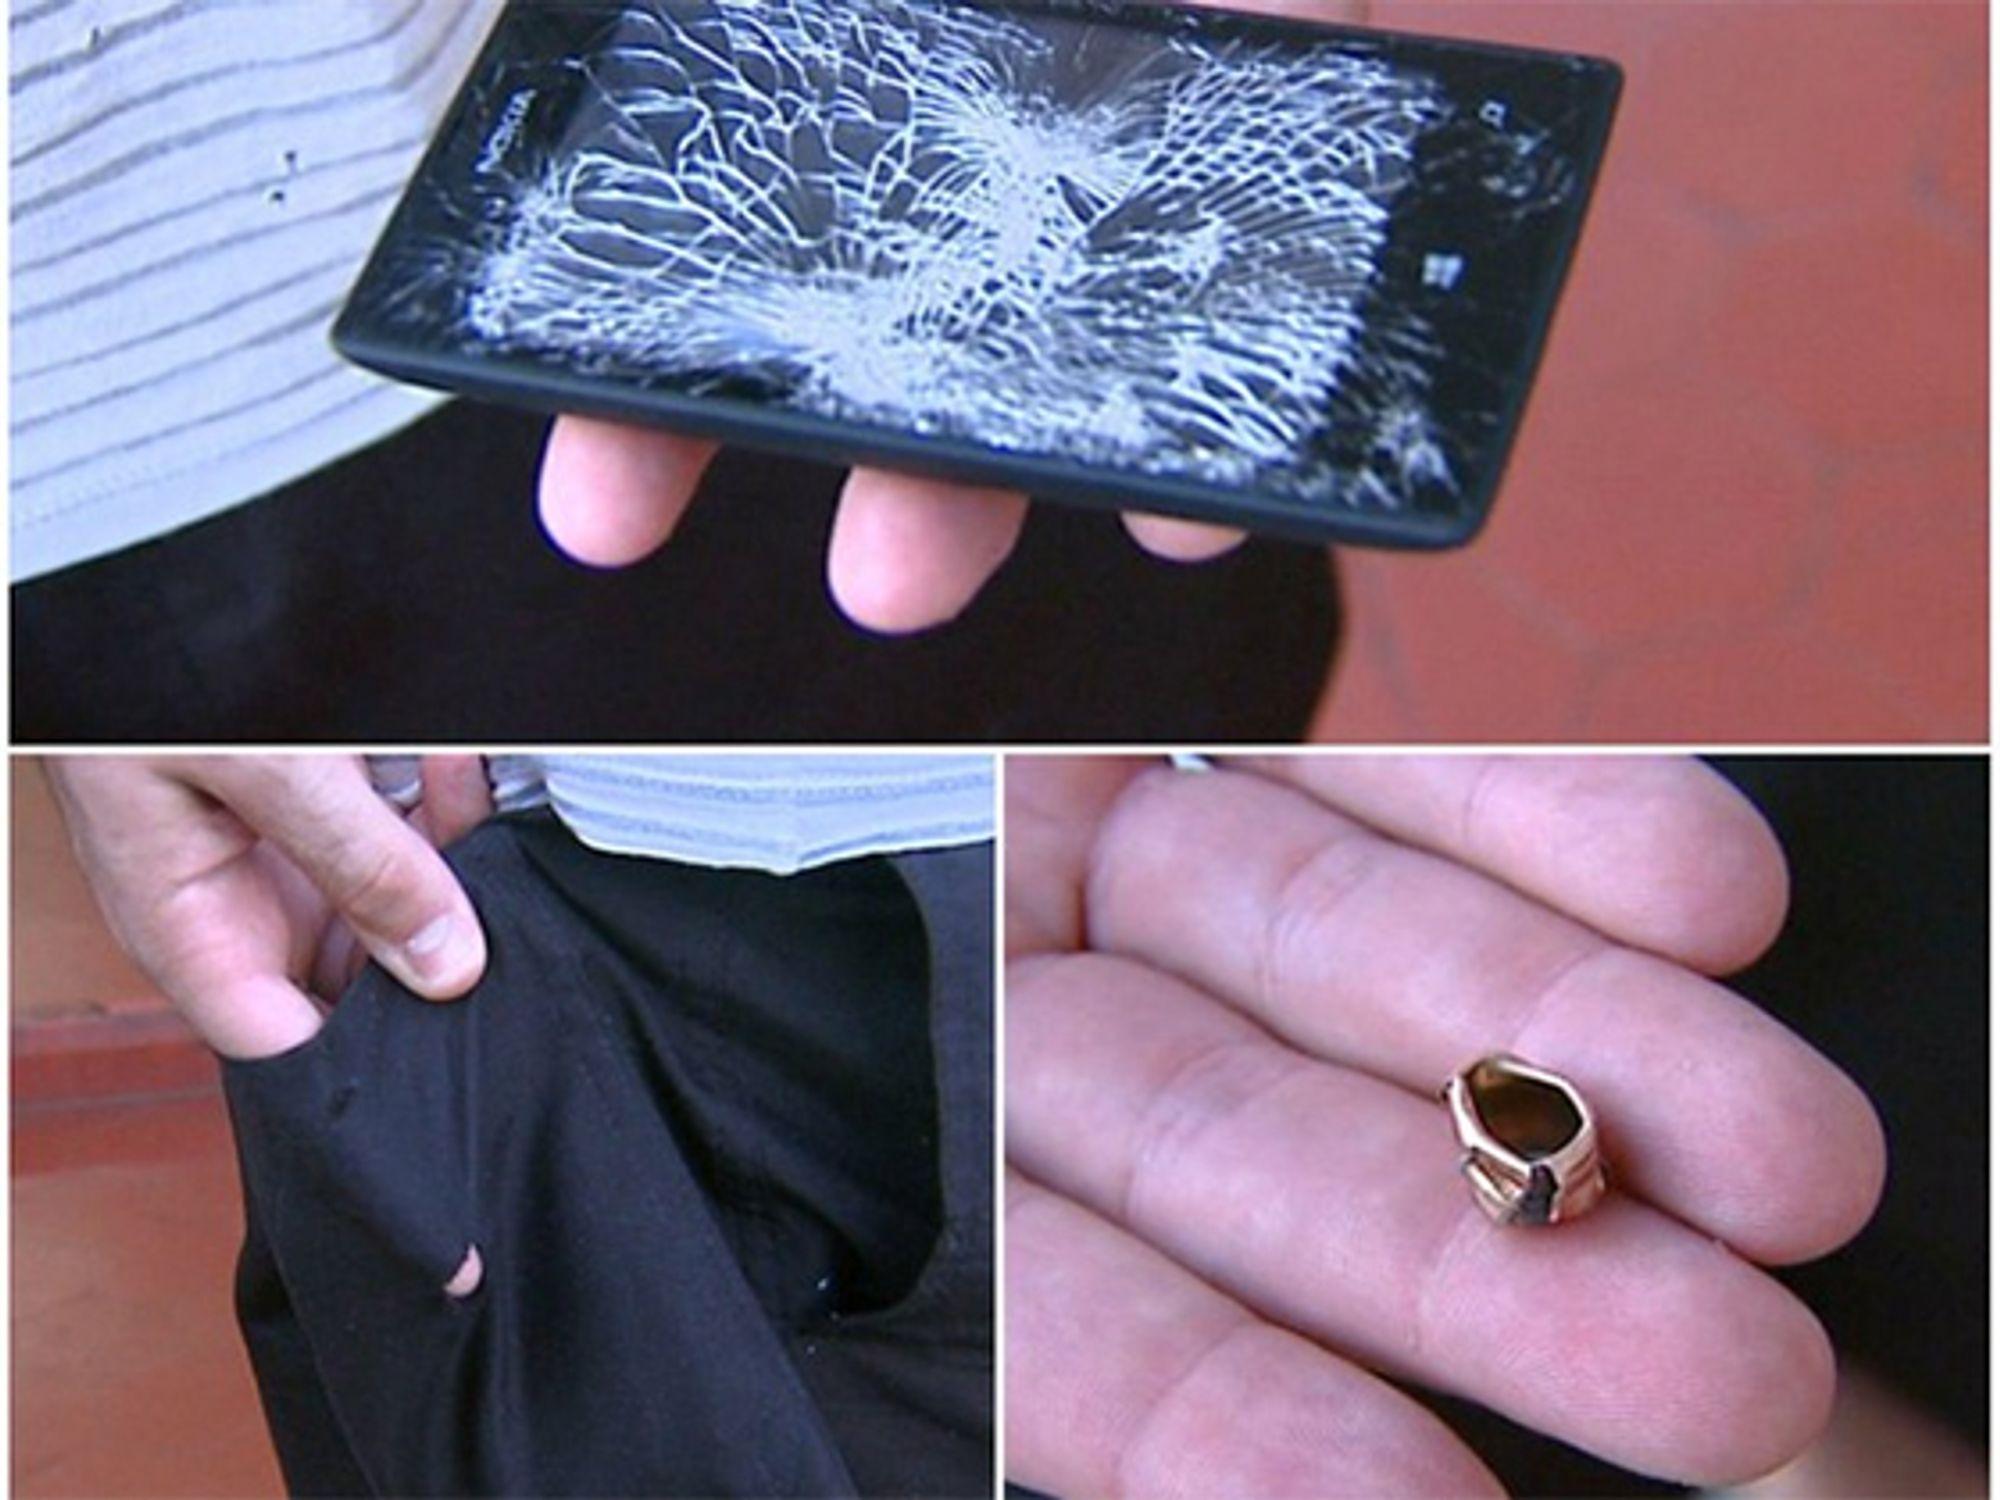 Telefonen overlevde sannsynligvis ikke, men reddet muligens et liv.